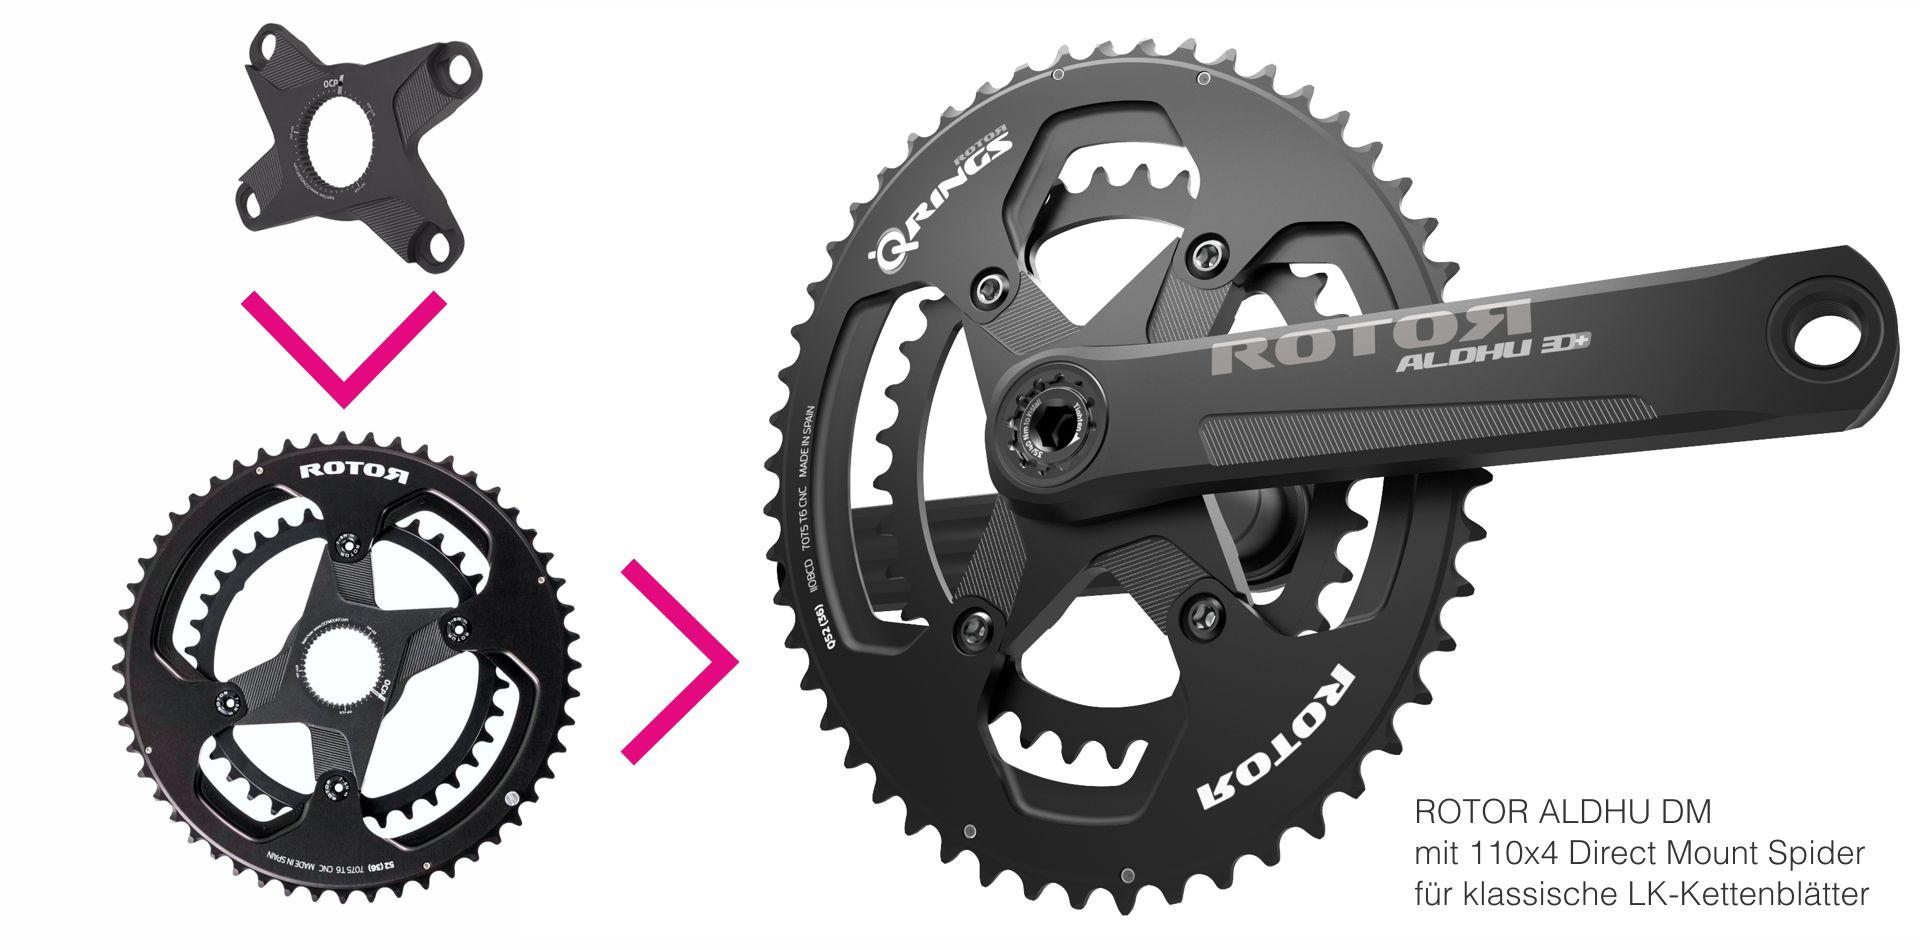 Der Direct Mount Spider von Rotor erlaubt die Montage von klassischen Lochkreis-Kettenblättern an einer modernen Direct Mount Kurbel